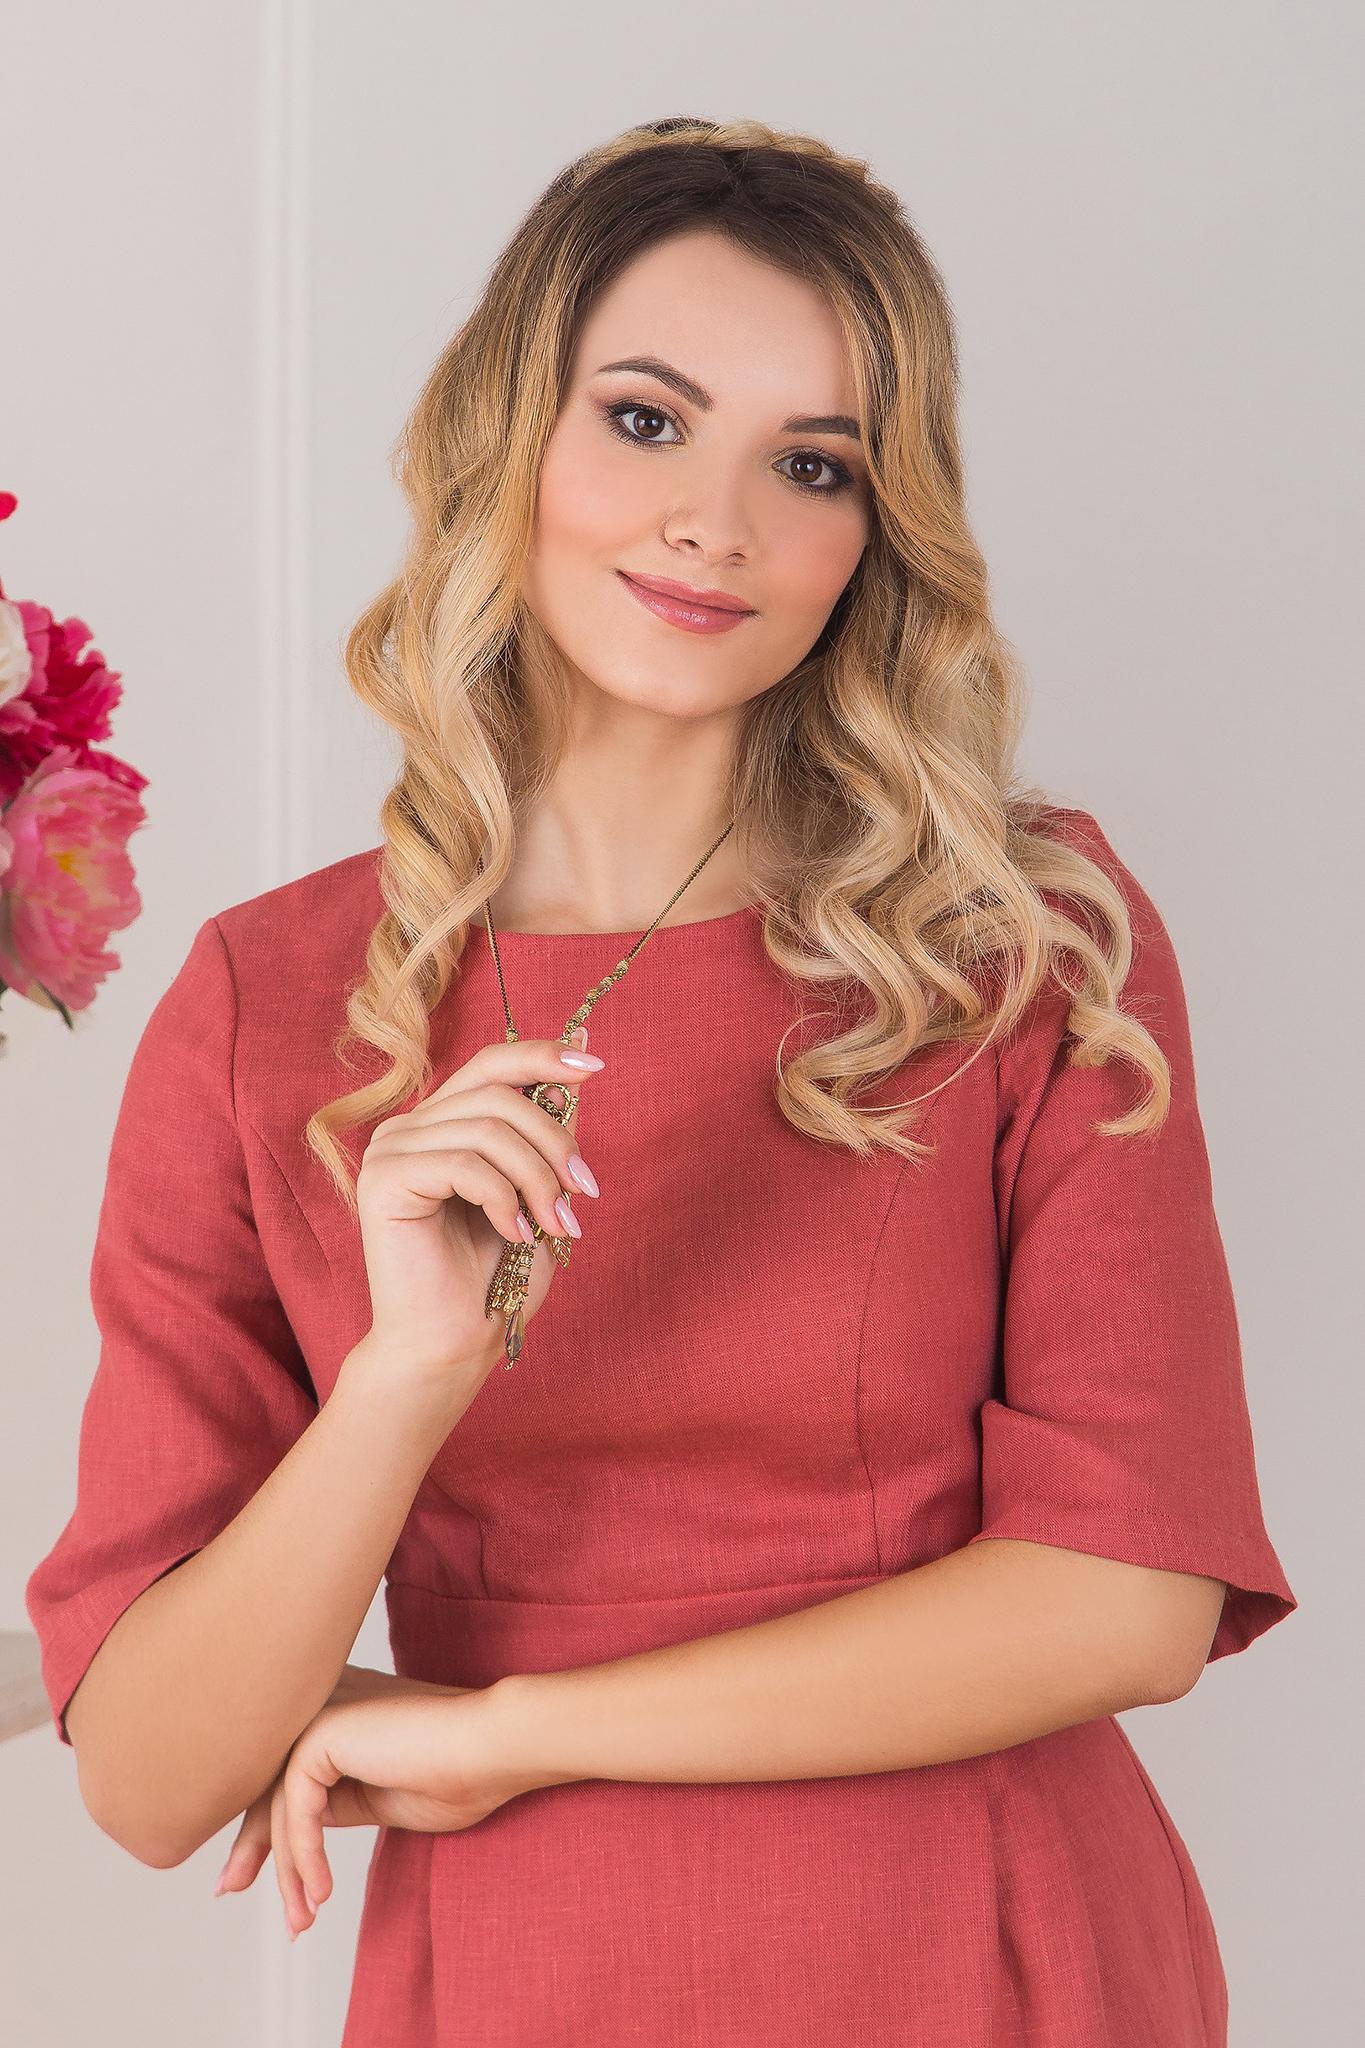 Платье льняное Пыльная роза приближенный фрагмент